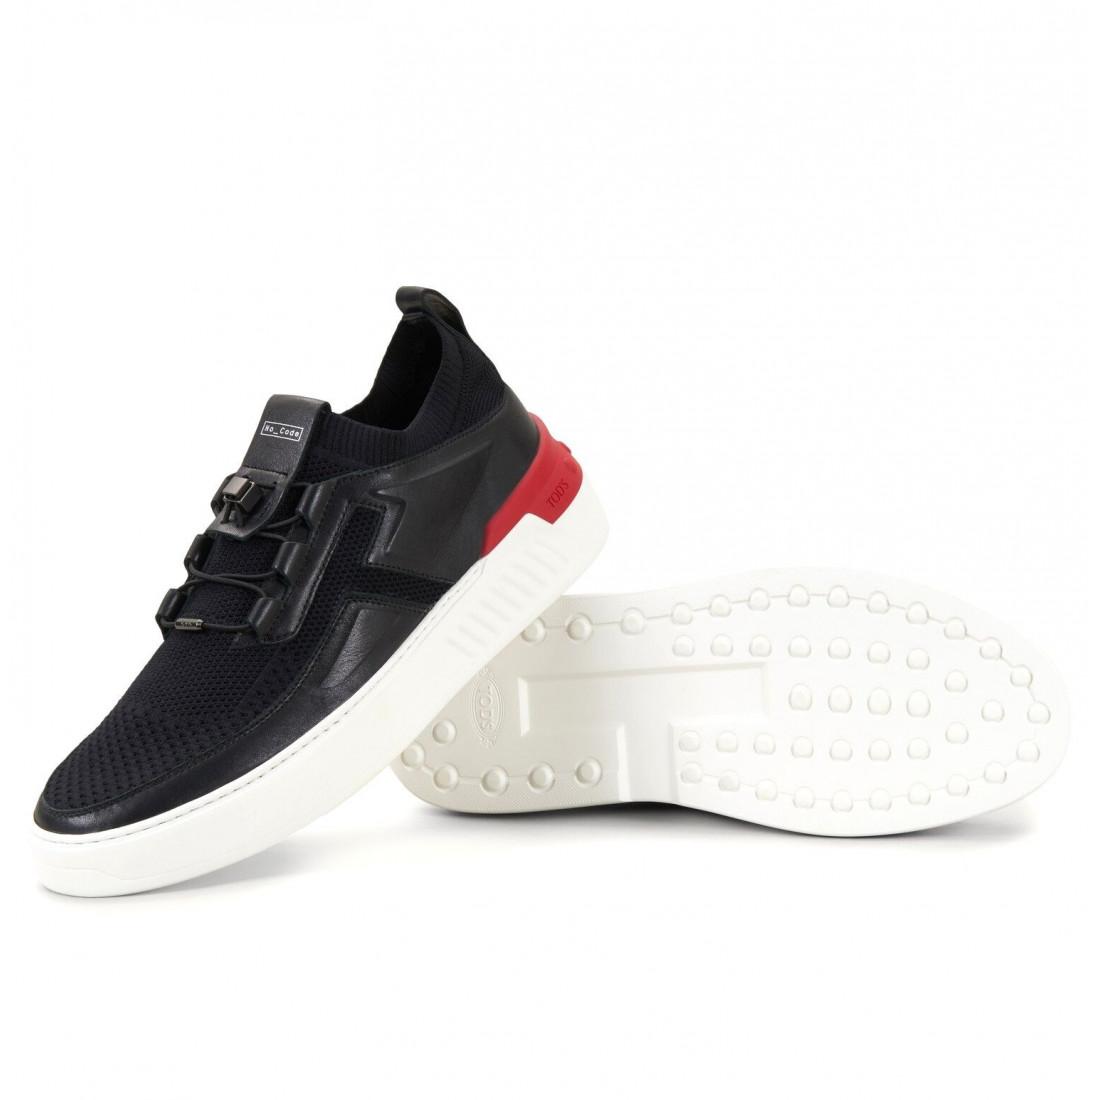 sneakers man tods xxm14c0cm30nxib999 6698